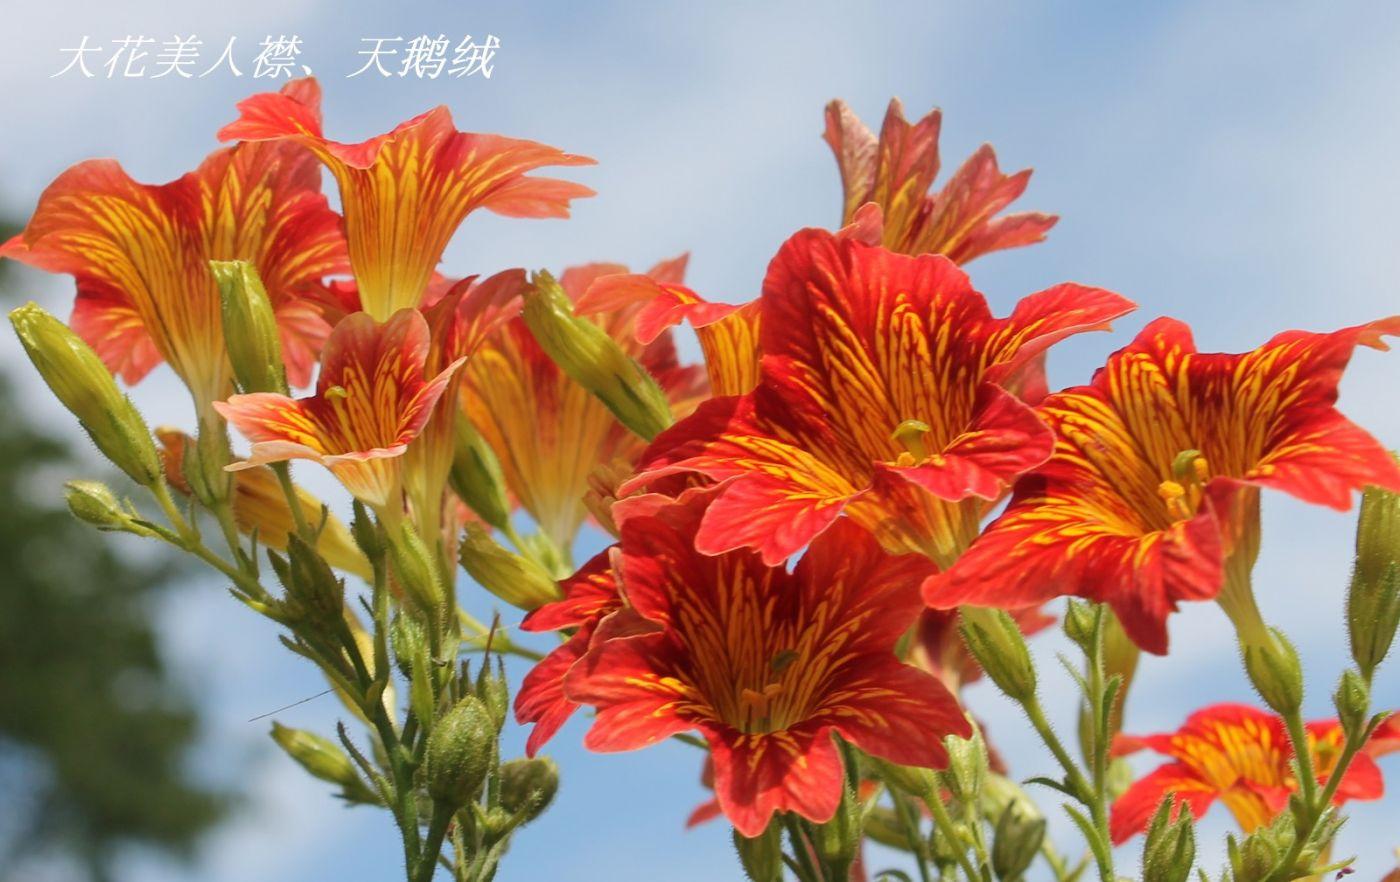 花草图谱 (34)_图1-8